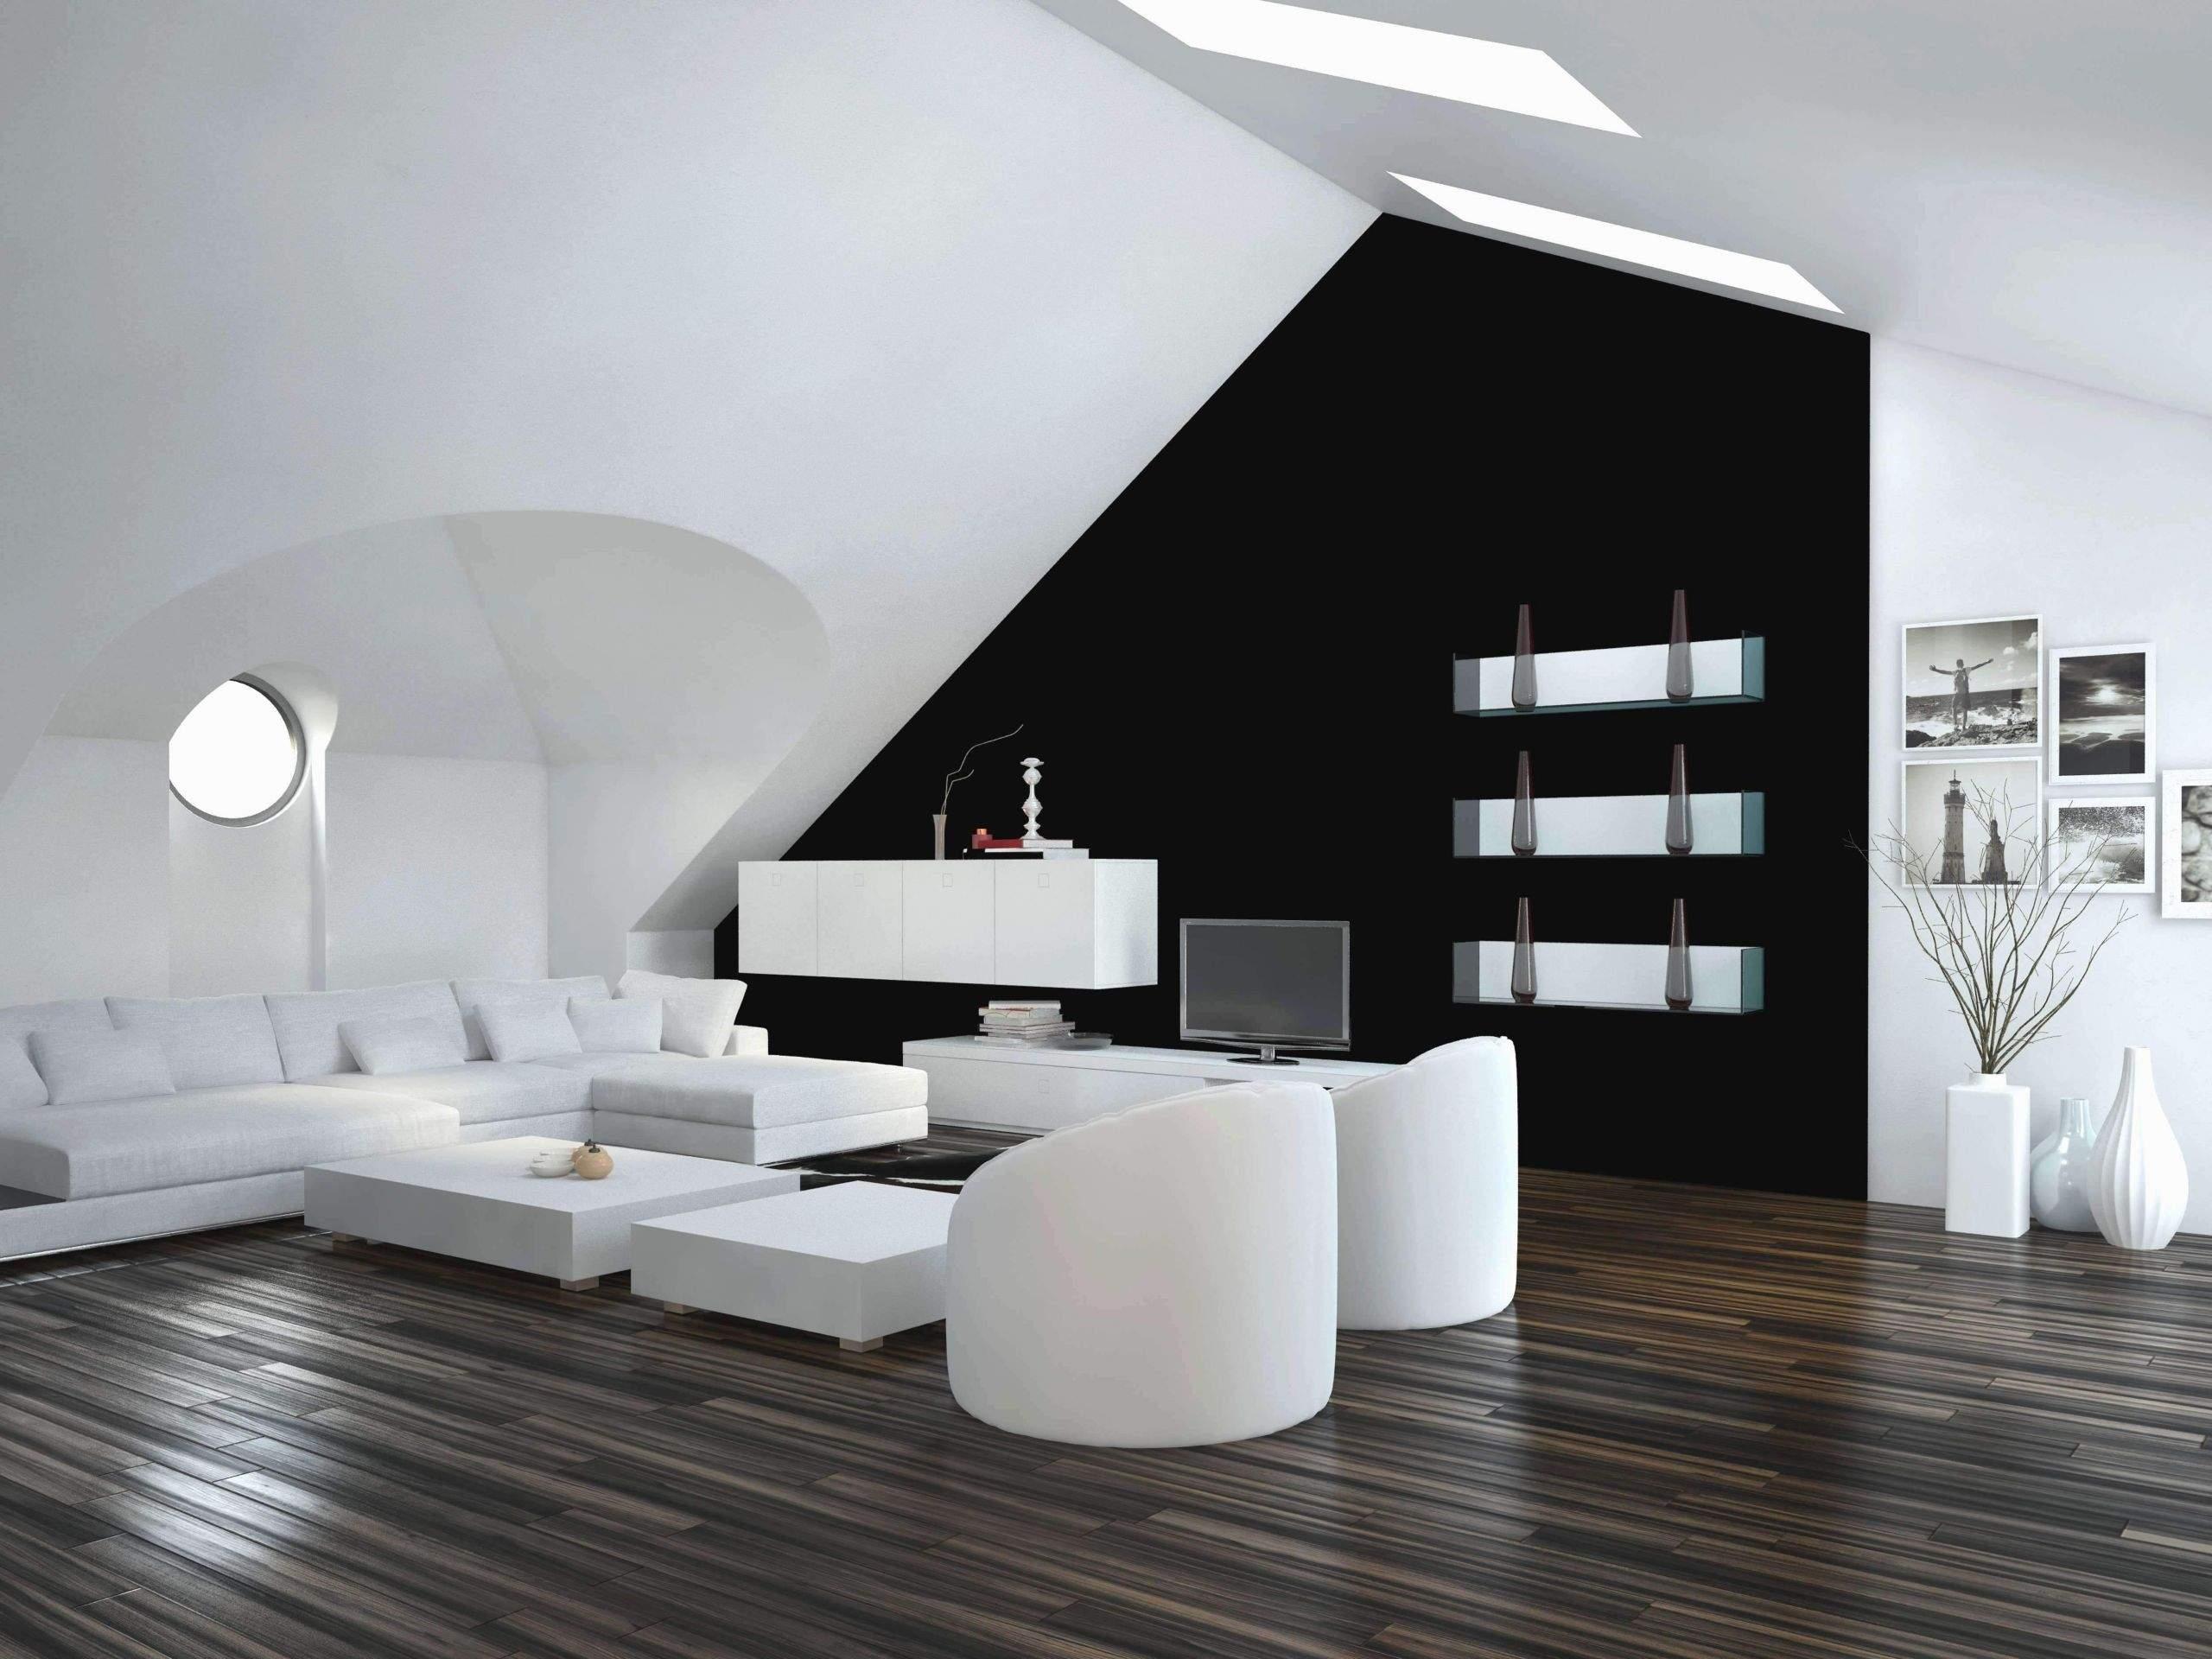 wohnzimmer beispiele luxus wohnzimmer steinwand schon wohnzimmer deko ideen aktuelle of wohnzimmer beispiele scaled